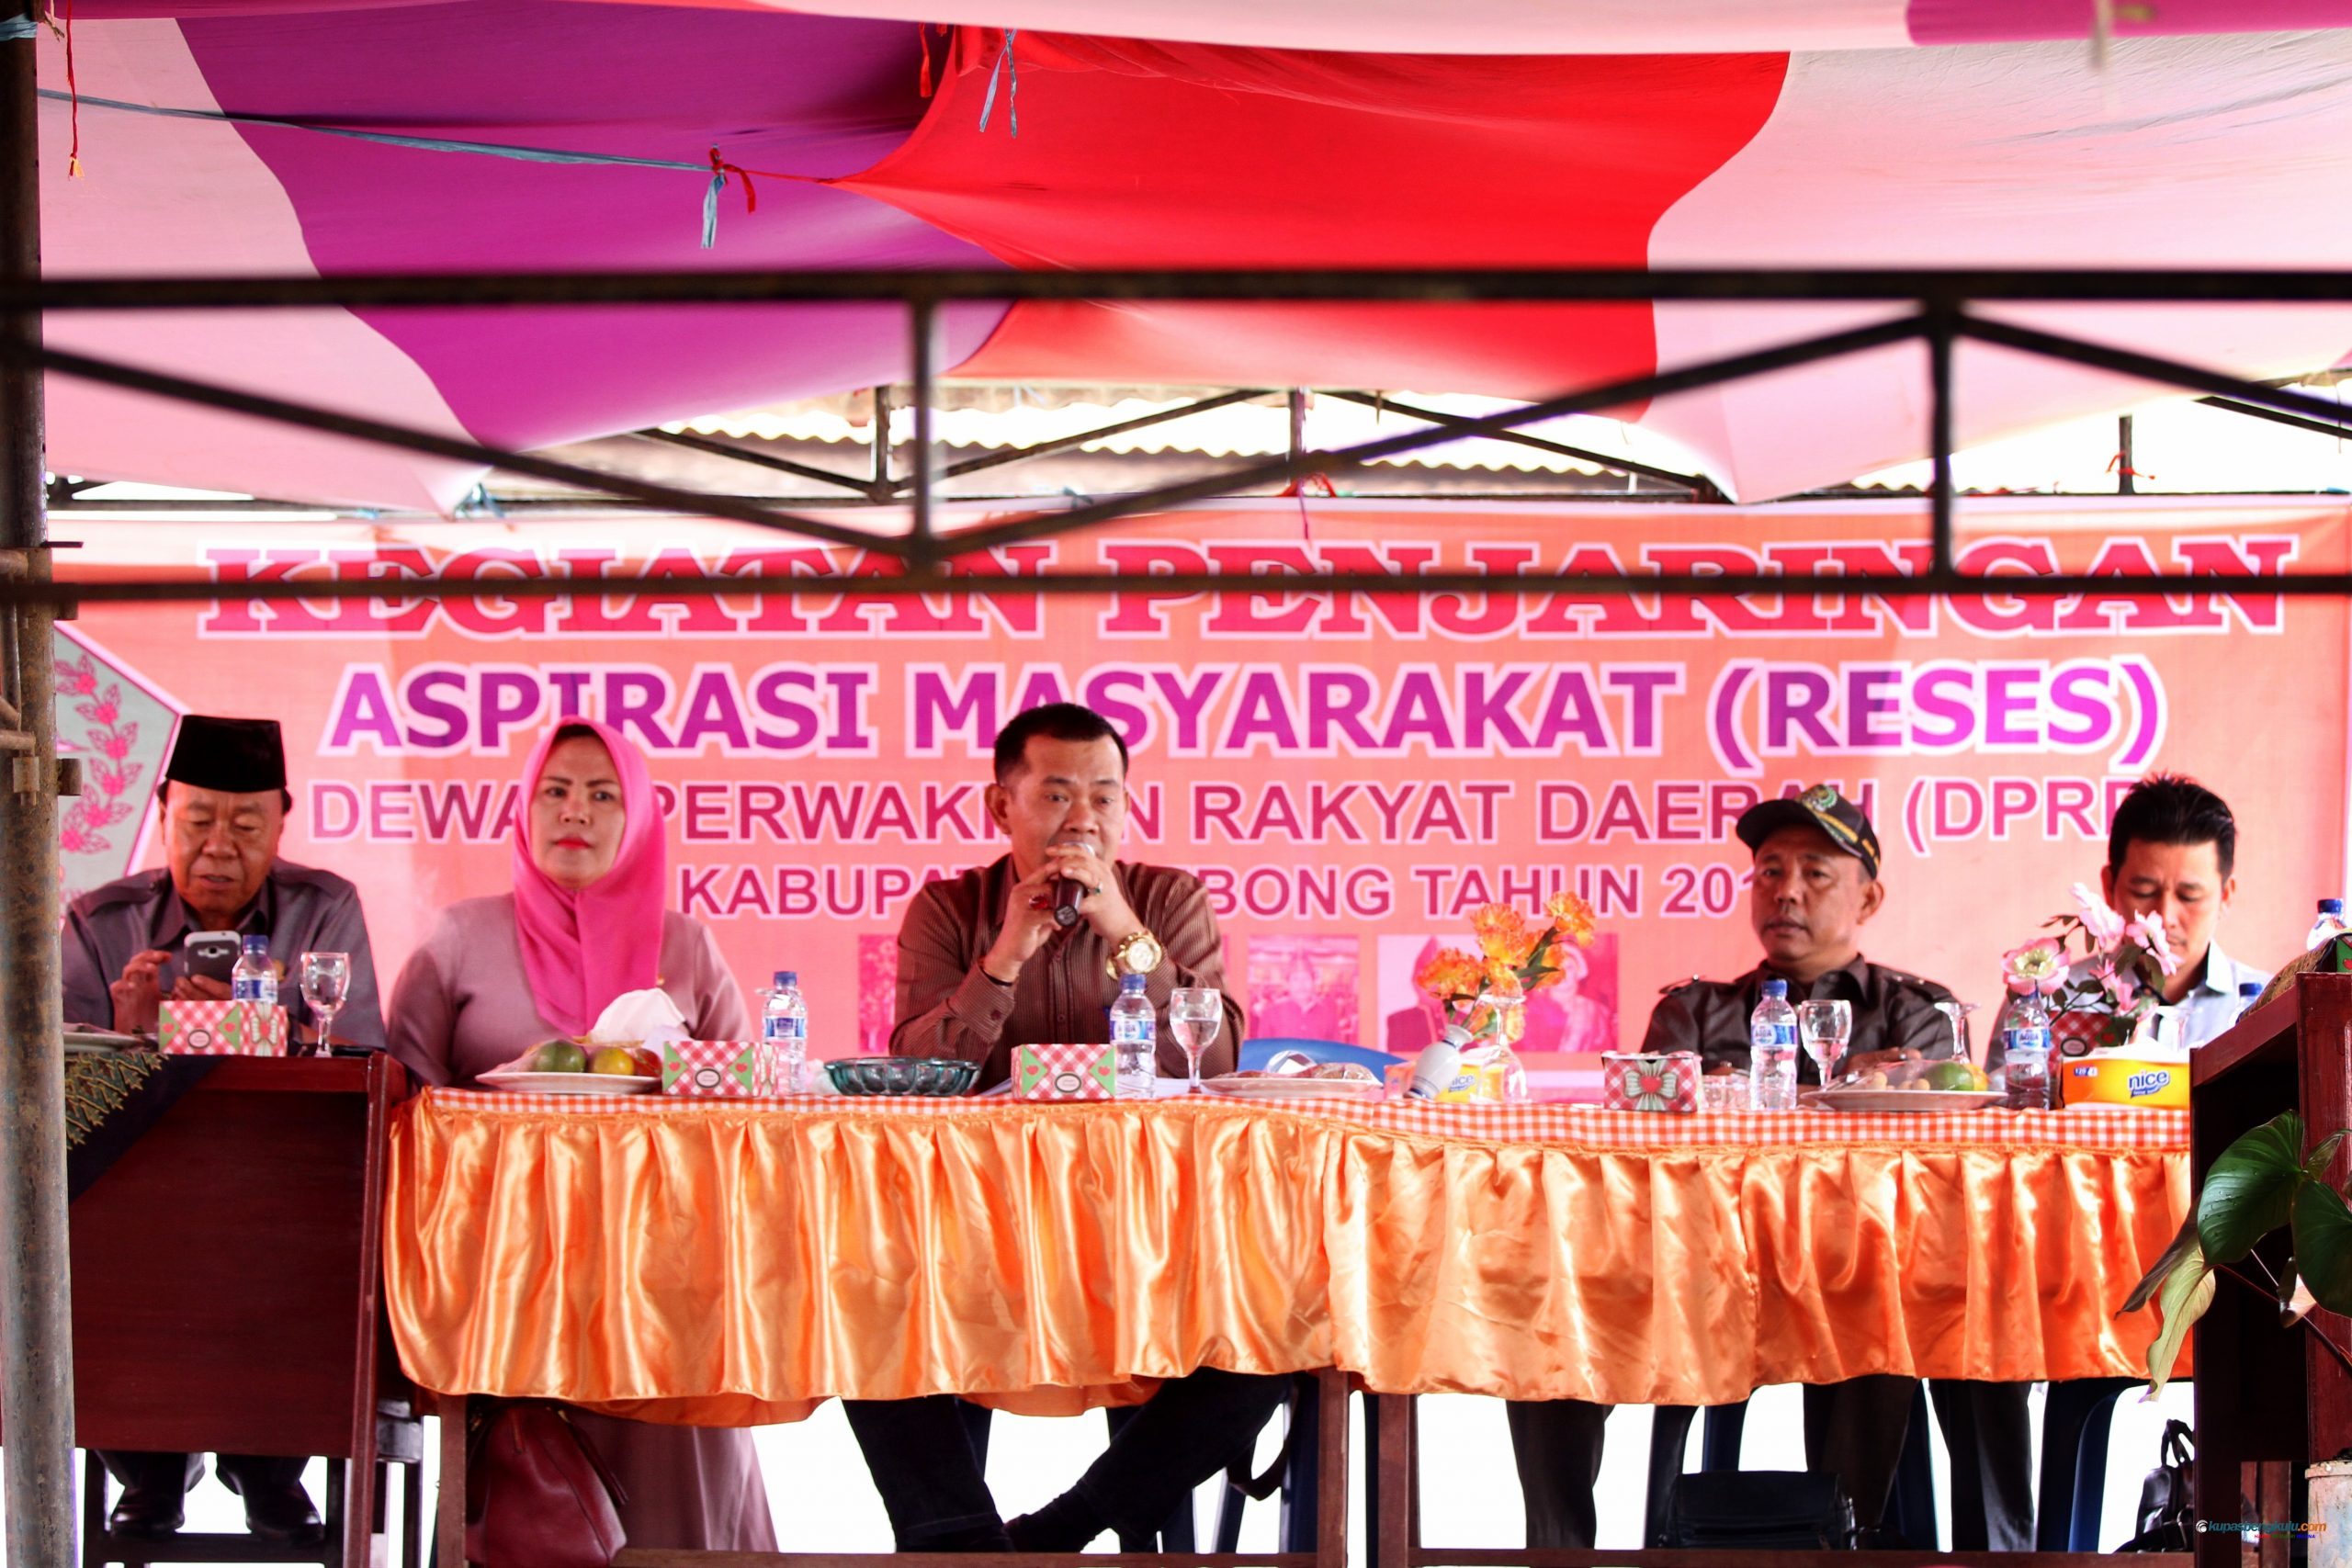 Anggota DPRD Dapil I yang hadir dalam reses yakni Sudirman, Roiyana, Olan Darmadi bertindak sebagai Ketua Rombongan, Jangjaya dan Aswar